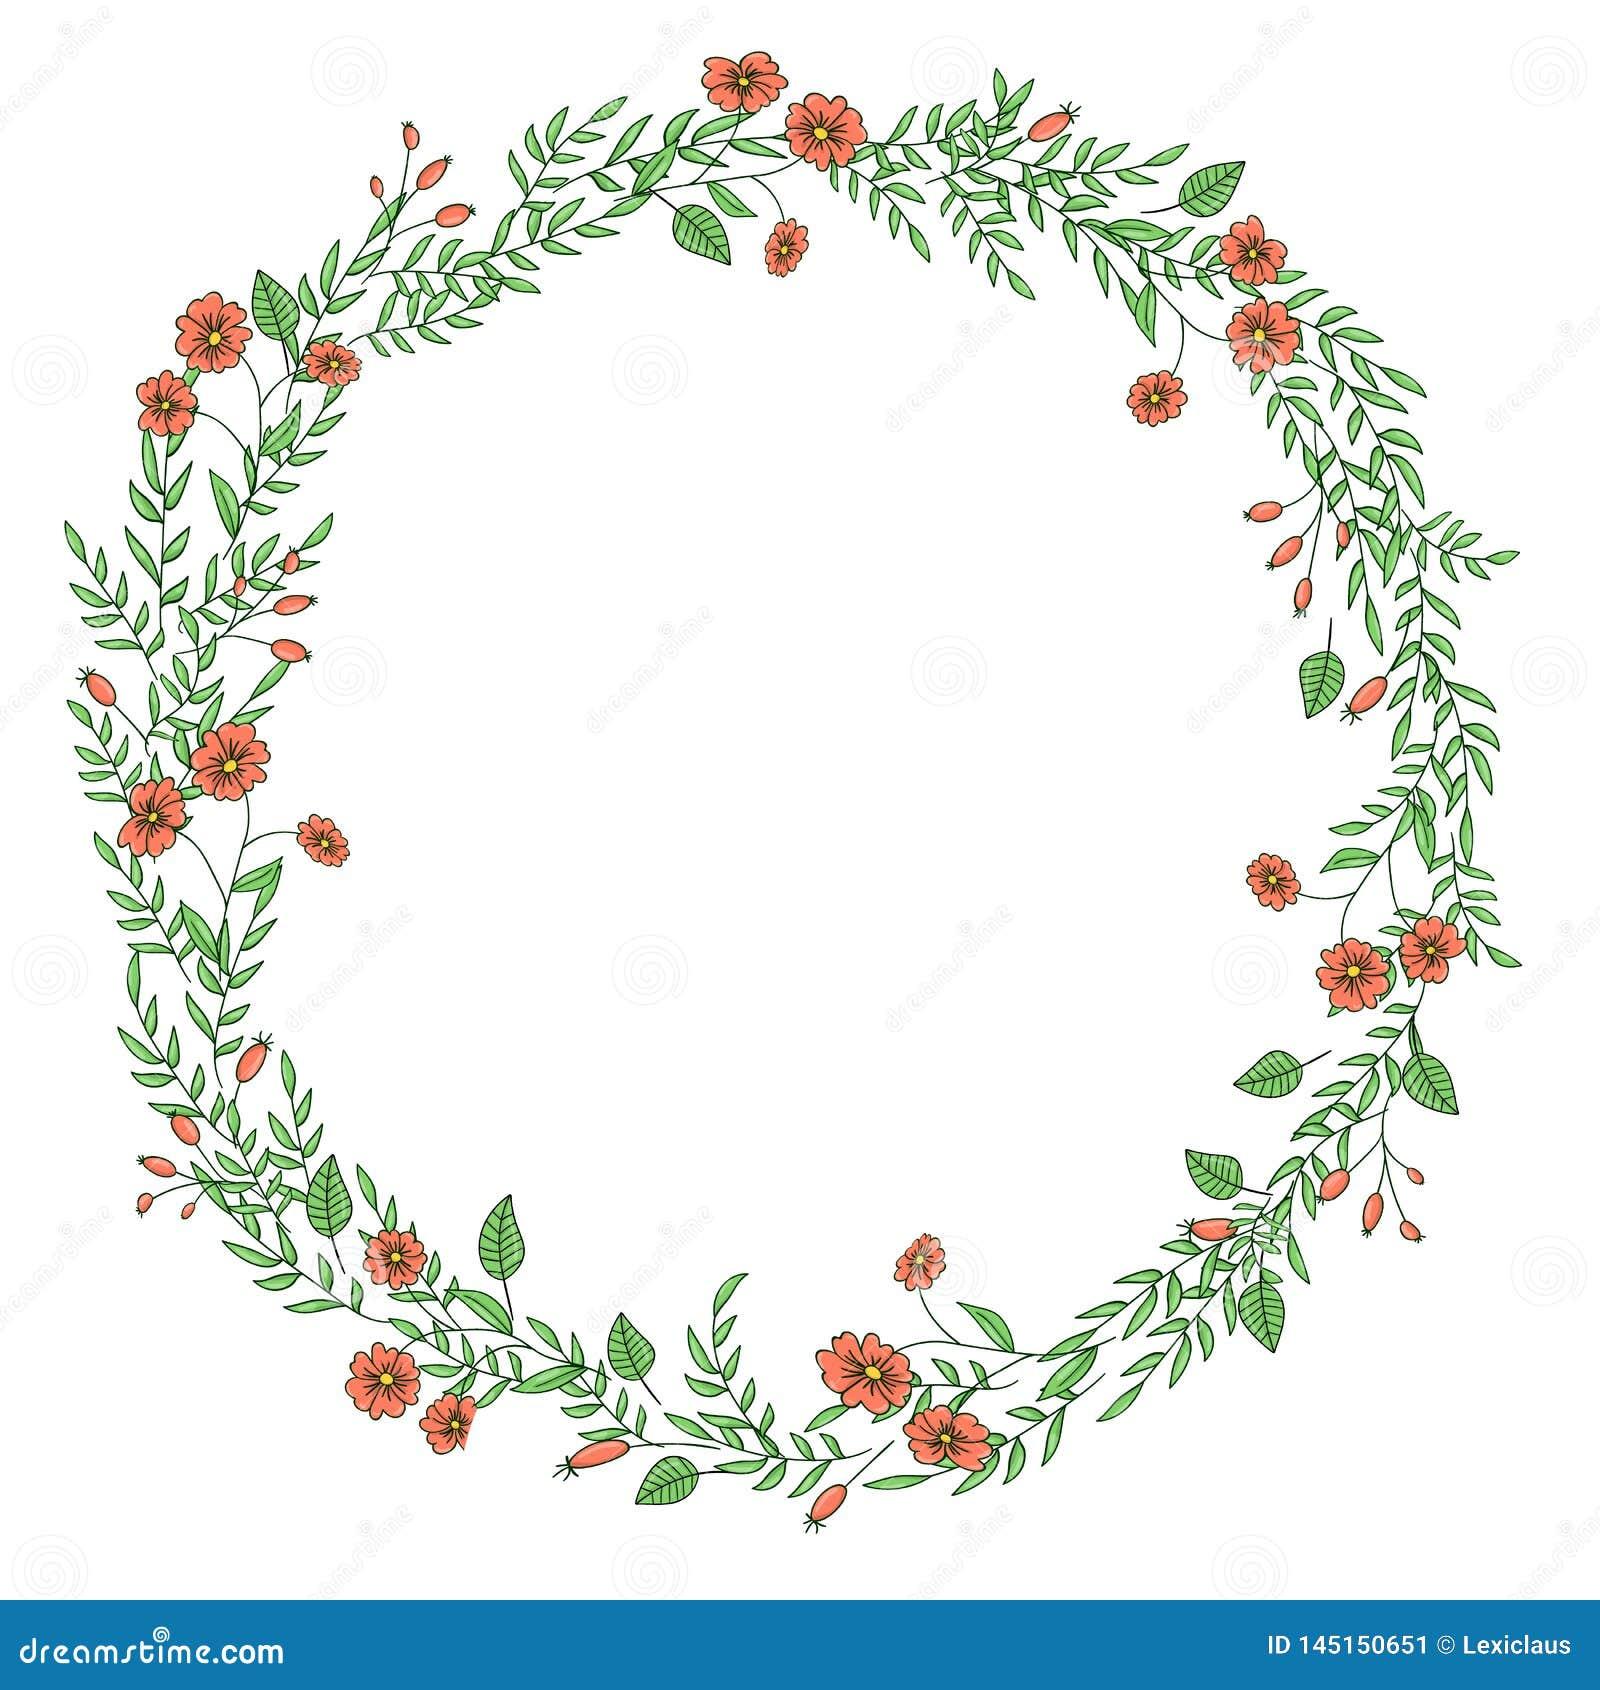 Vector wreath of garden flowers and herbs.